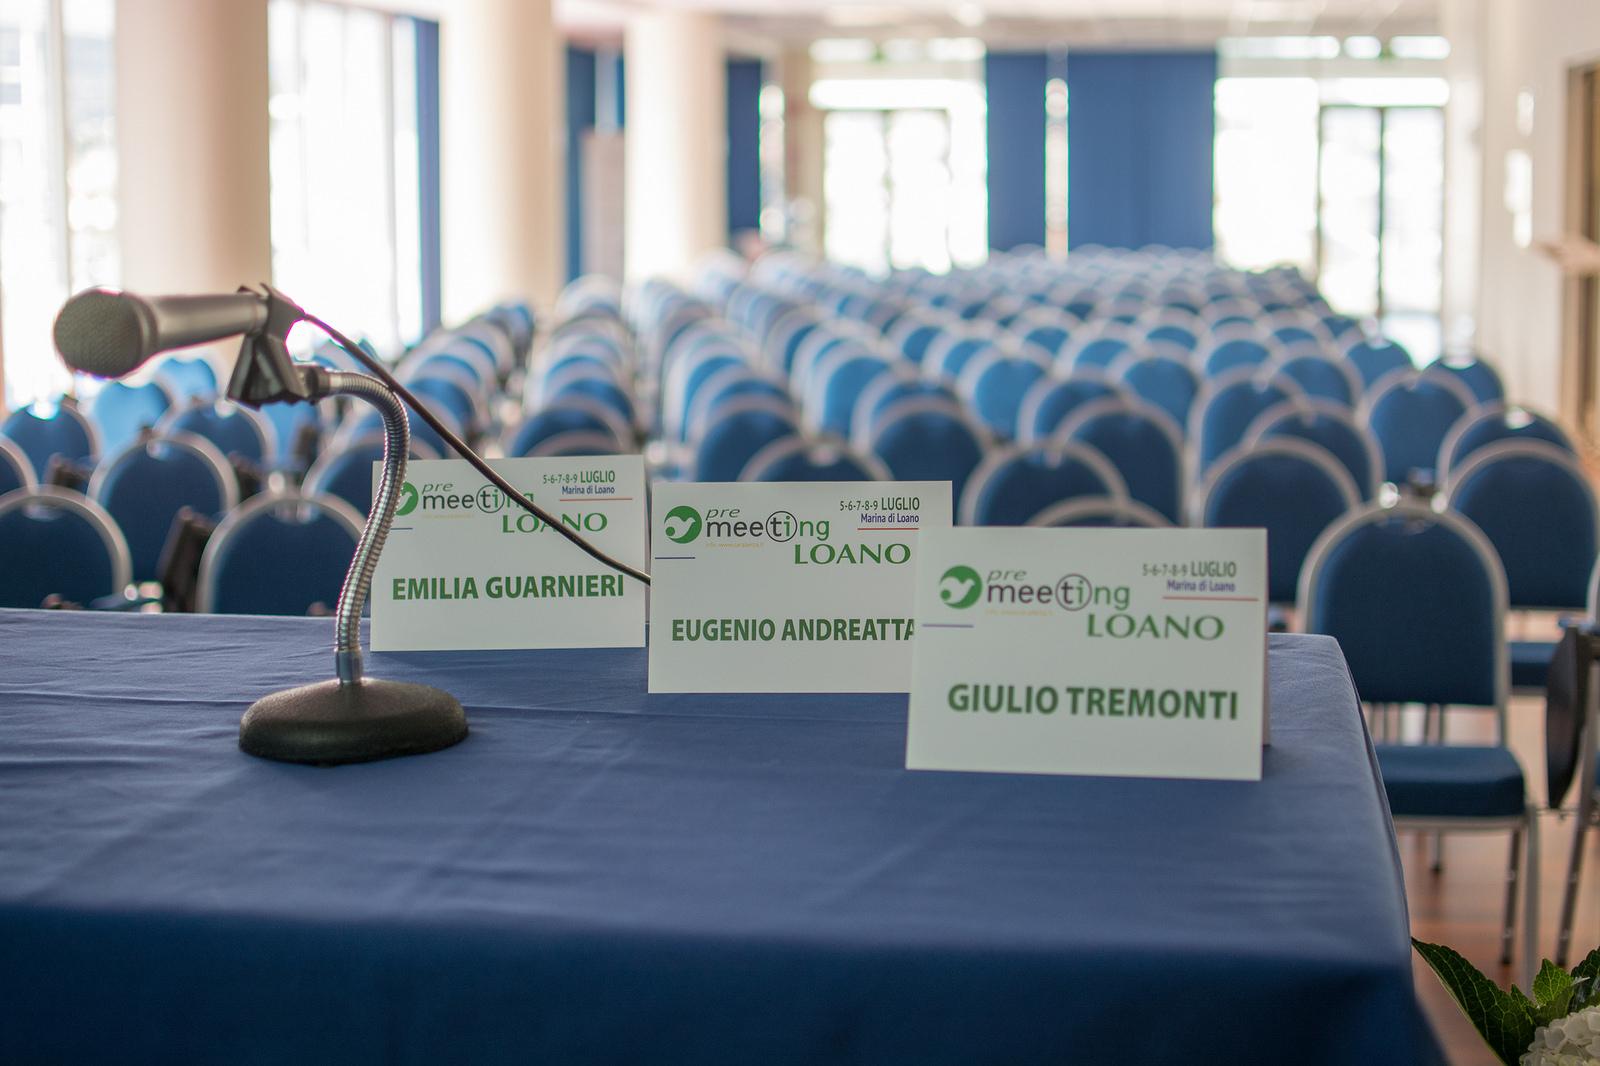 QUELLO CHE ABBIAMO EREDITATO HA ANCORA UN VALORE NELL'ITALIA DI OGGI?